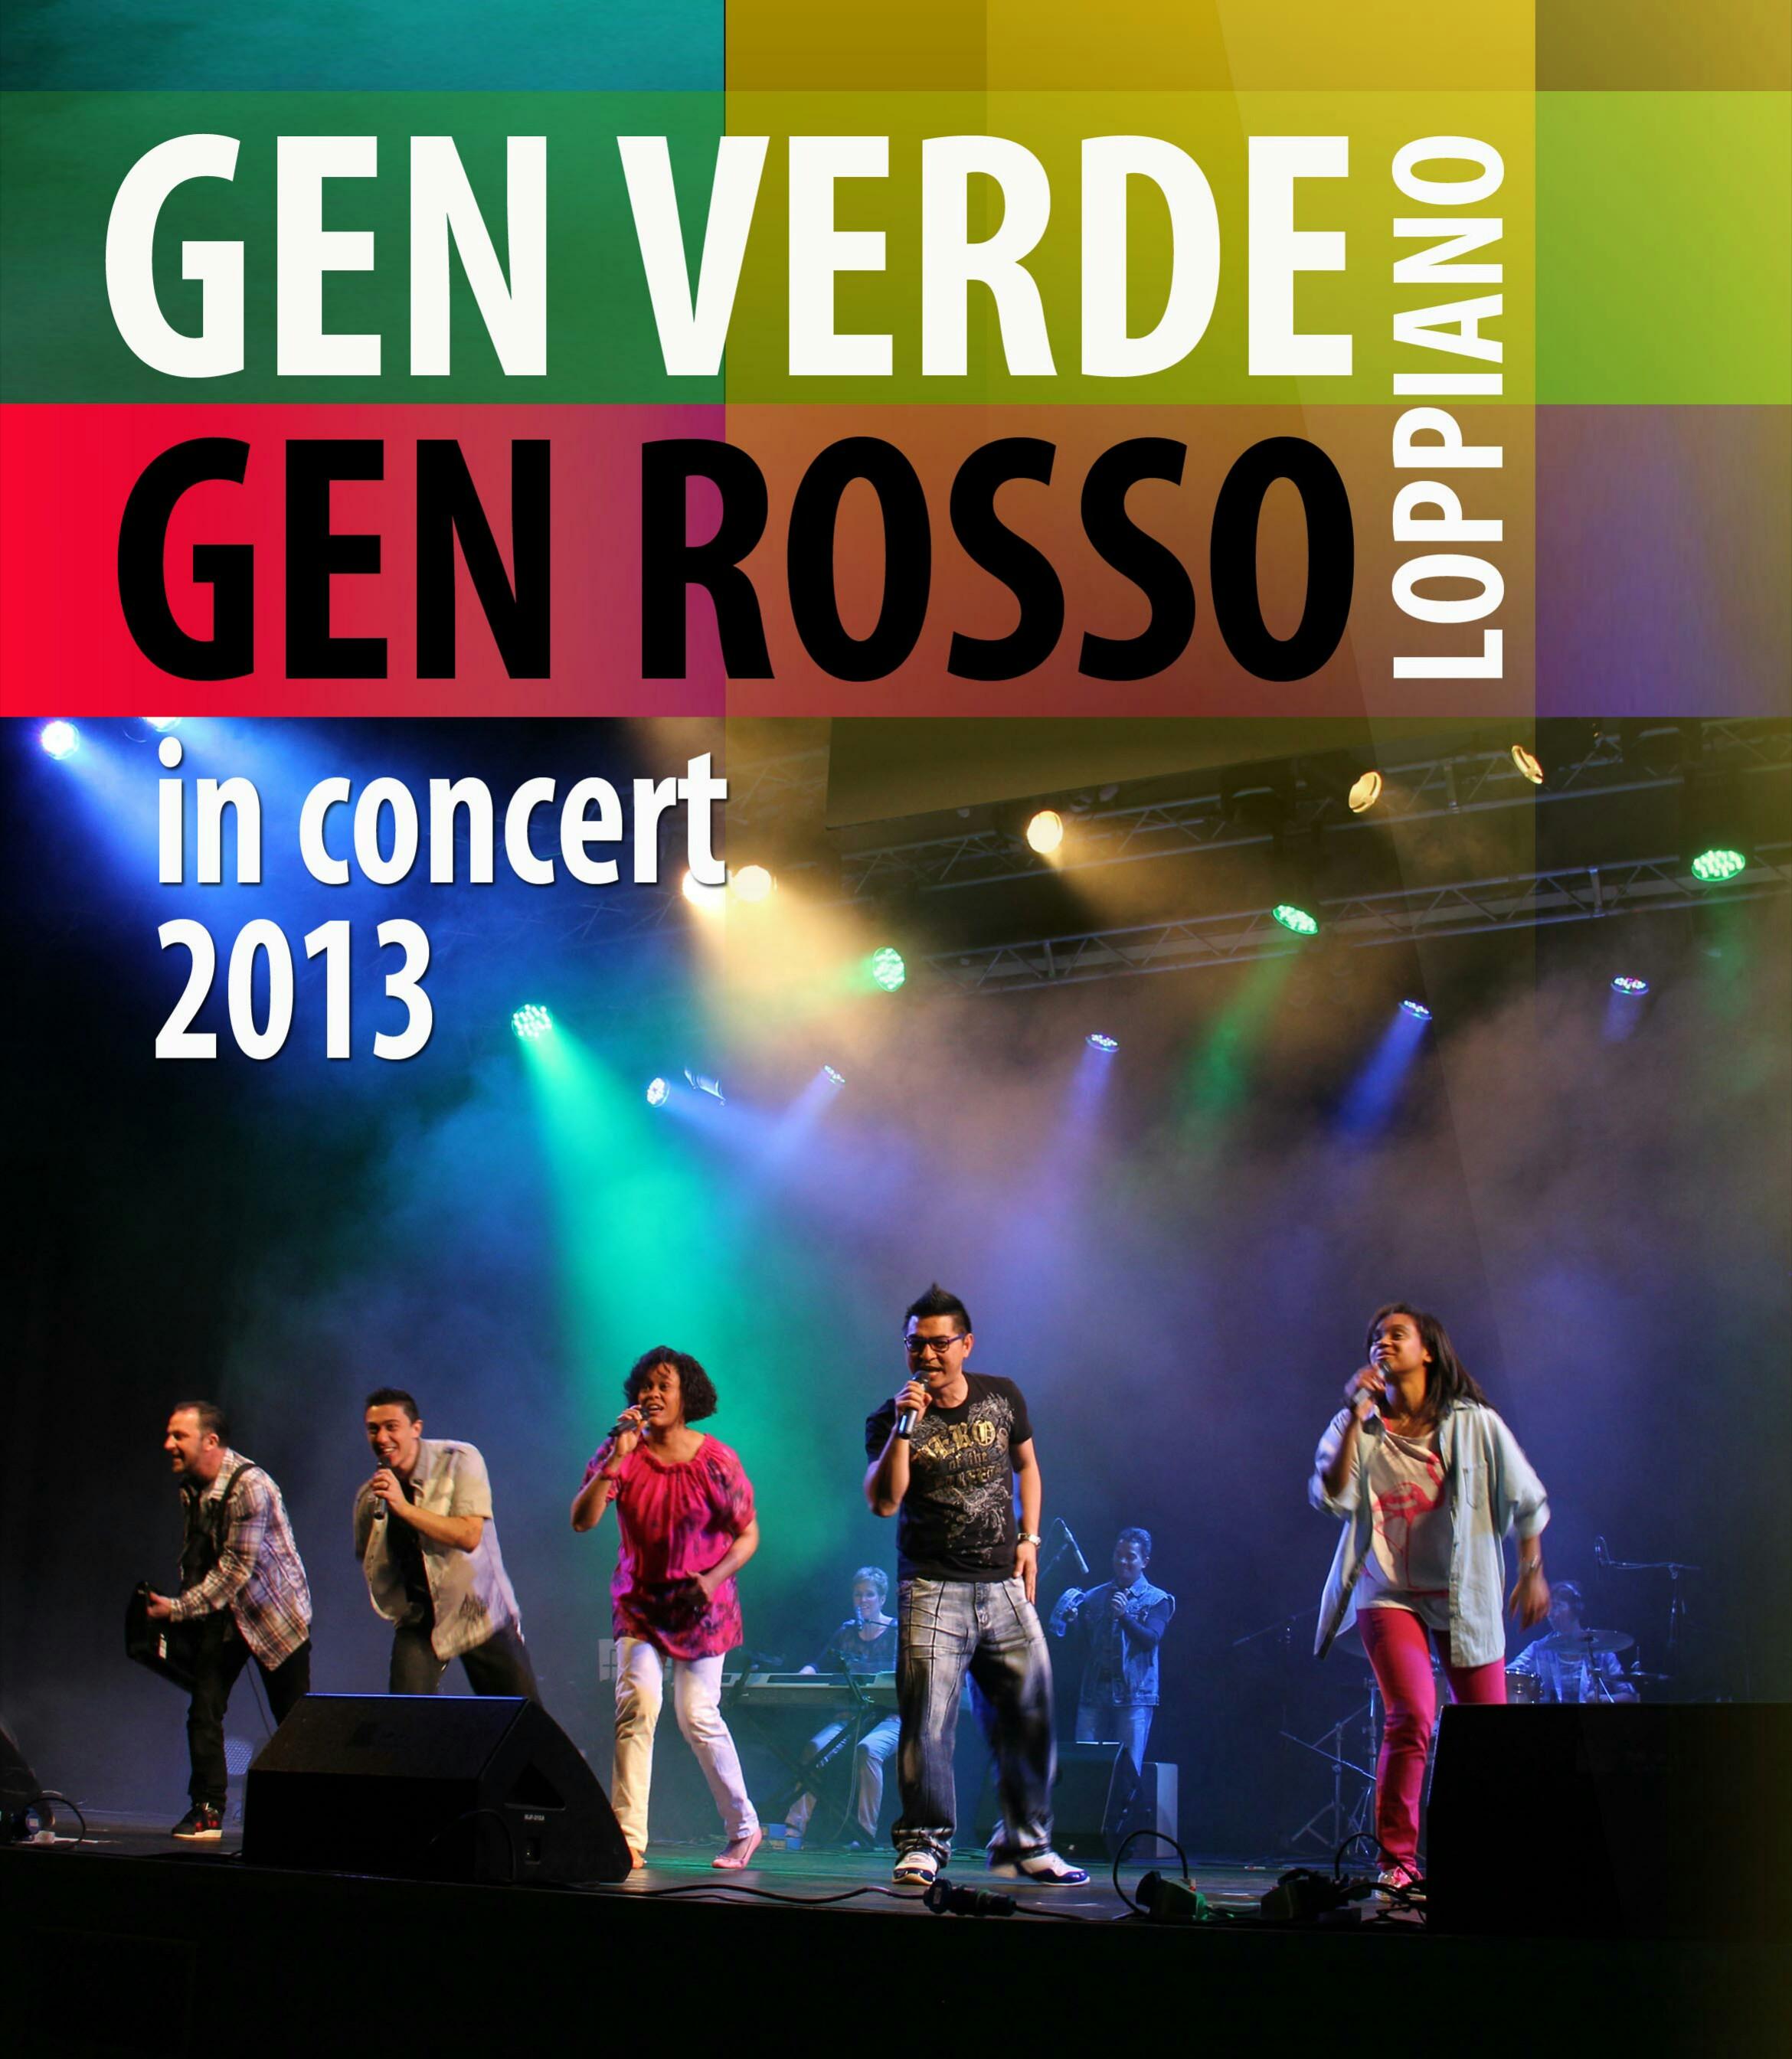 Započúvajme sa do úžasnej piesne od Gen Rosso